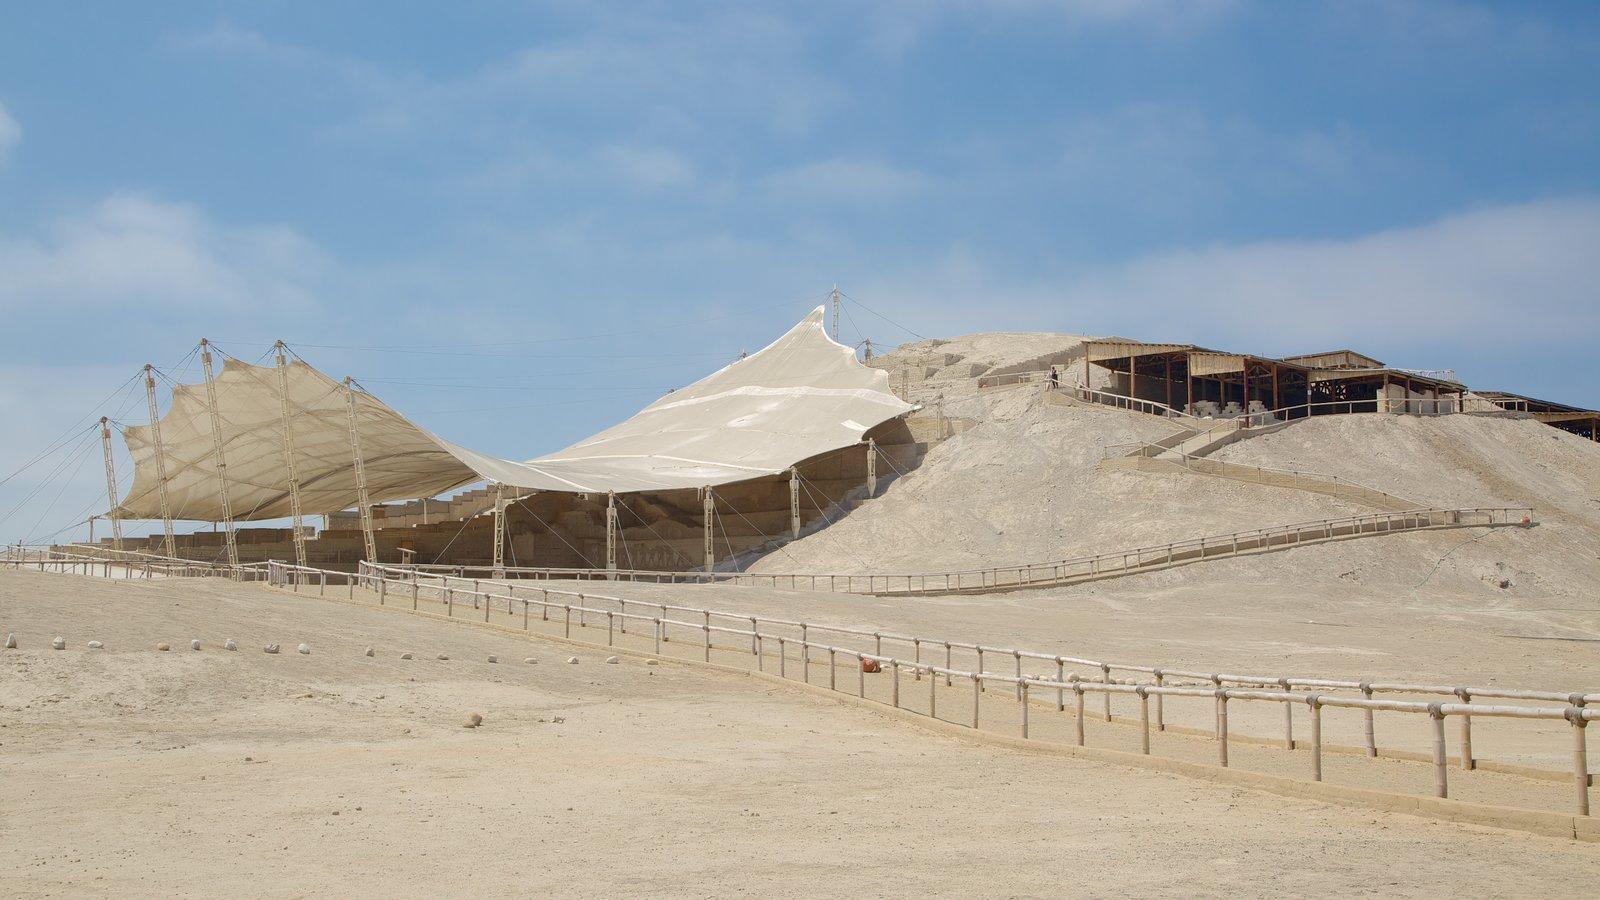 El Brujo mostrando paisagens do deserto